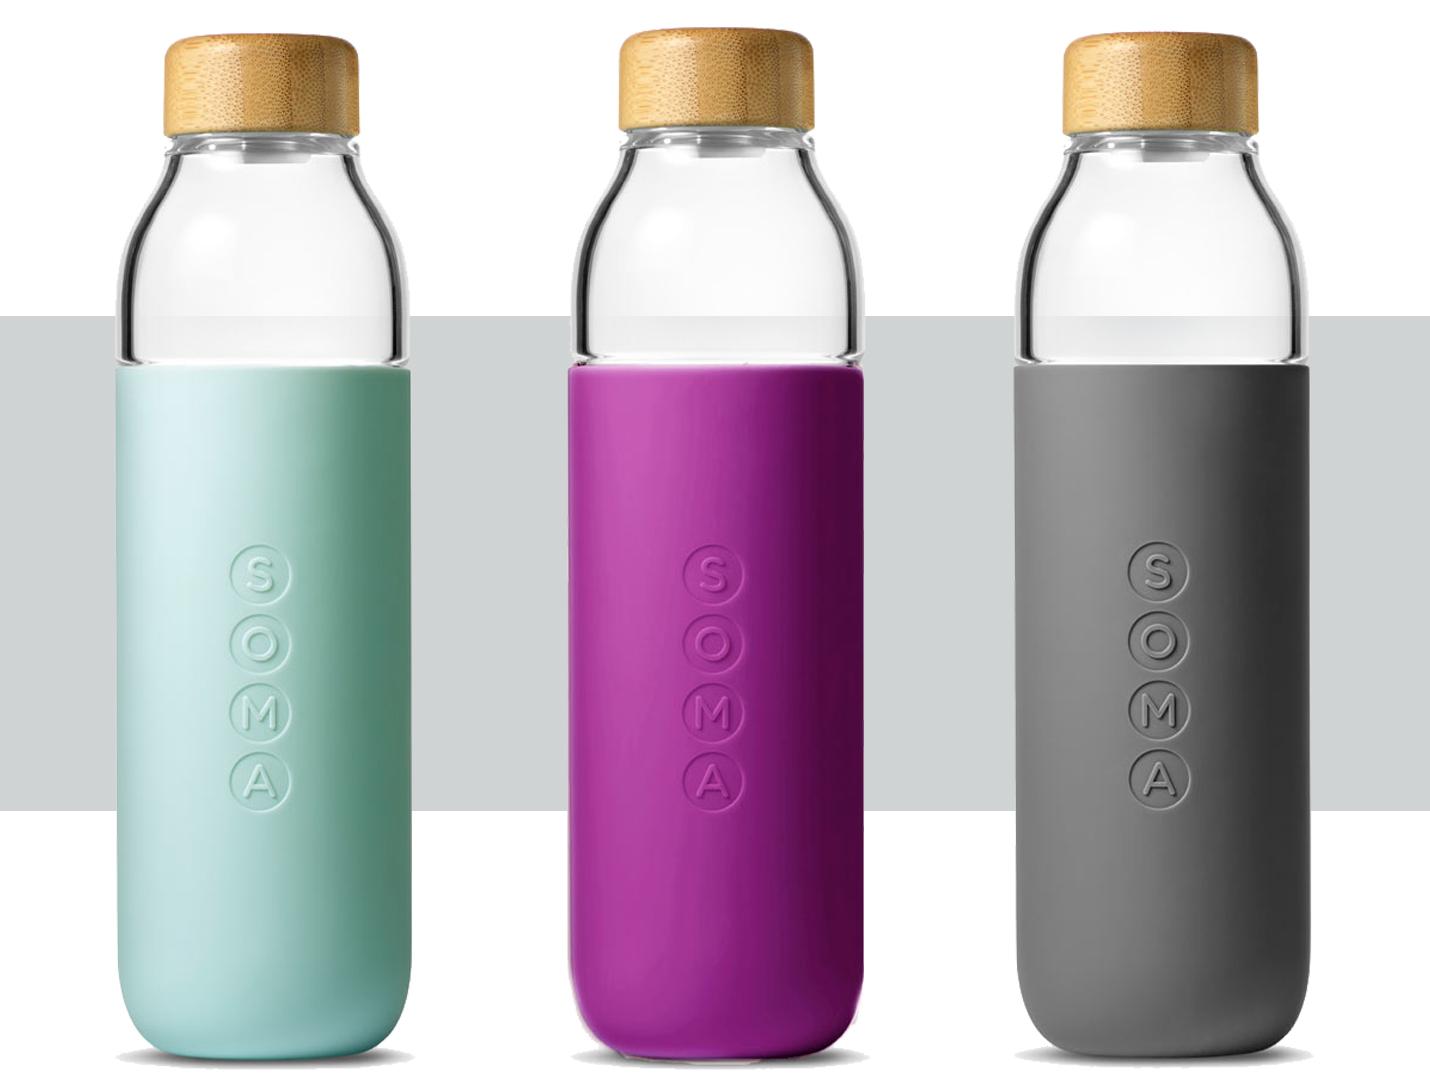 Soma glass water bottles